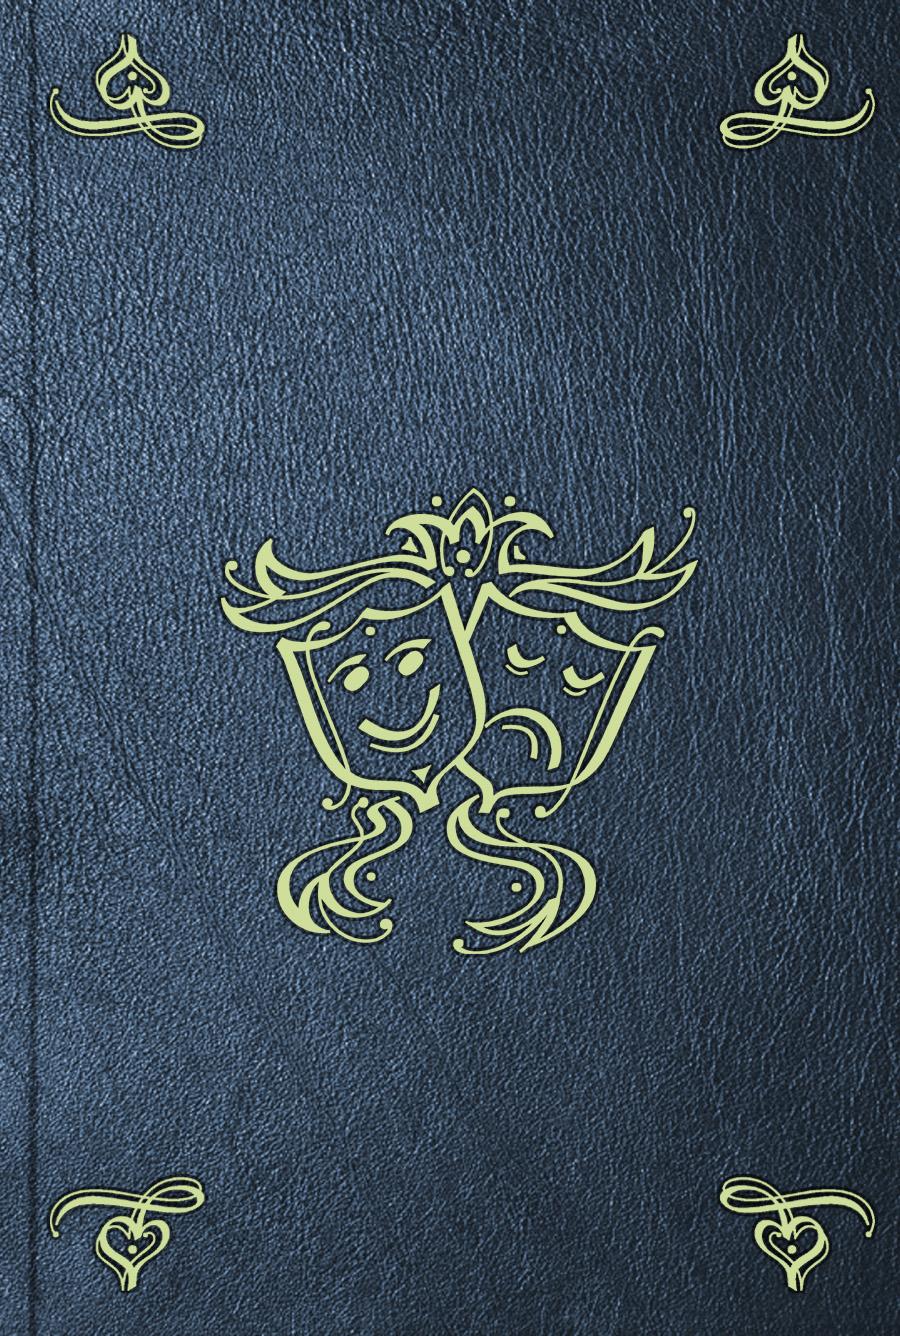 Pierre Le Brun Marie Stuart ane brun sketches